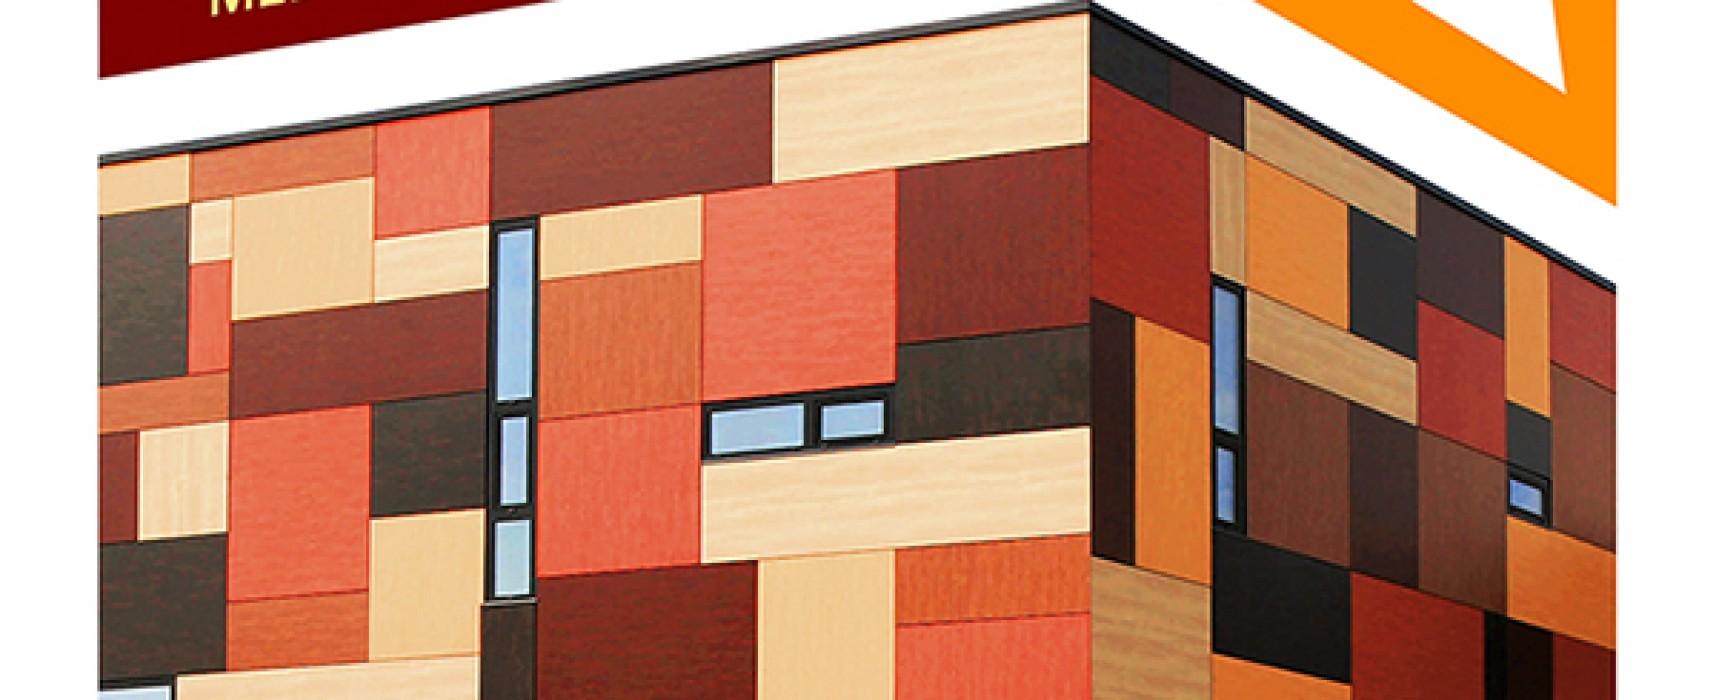 Exposition du Palmares Architecture & Aménagement Limousin 2014